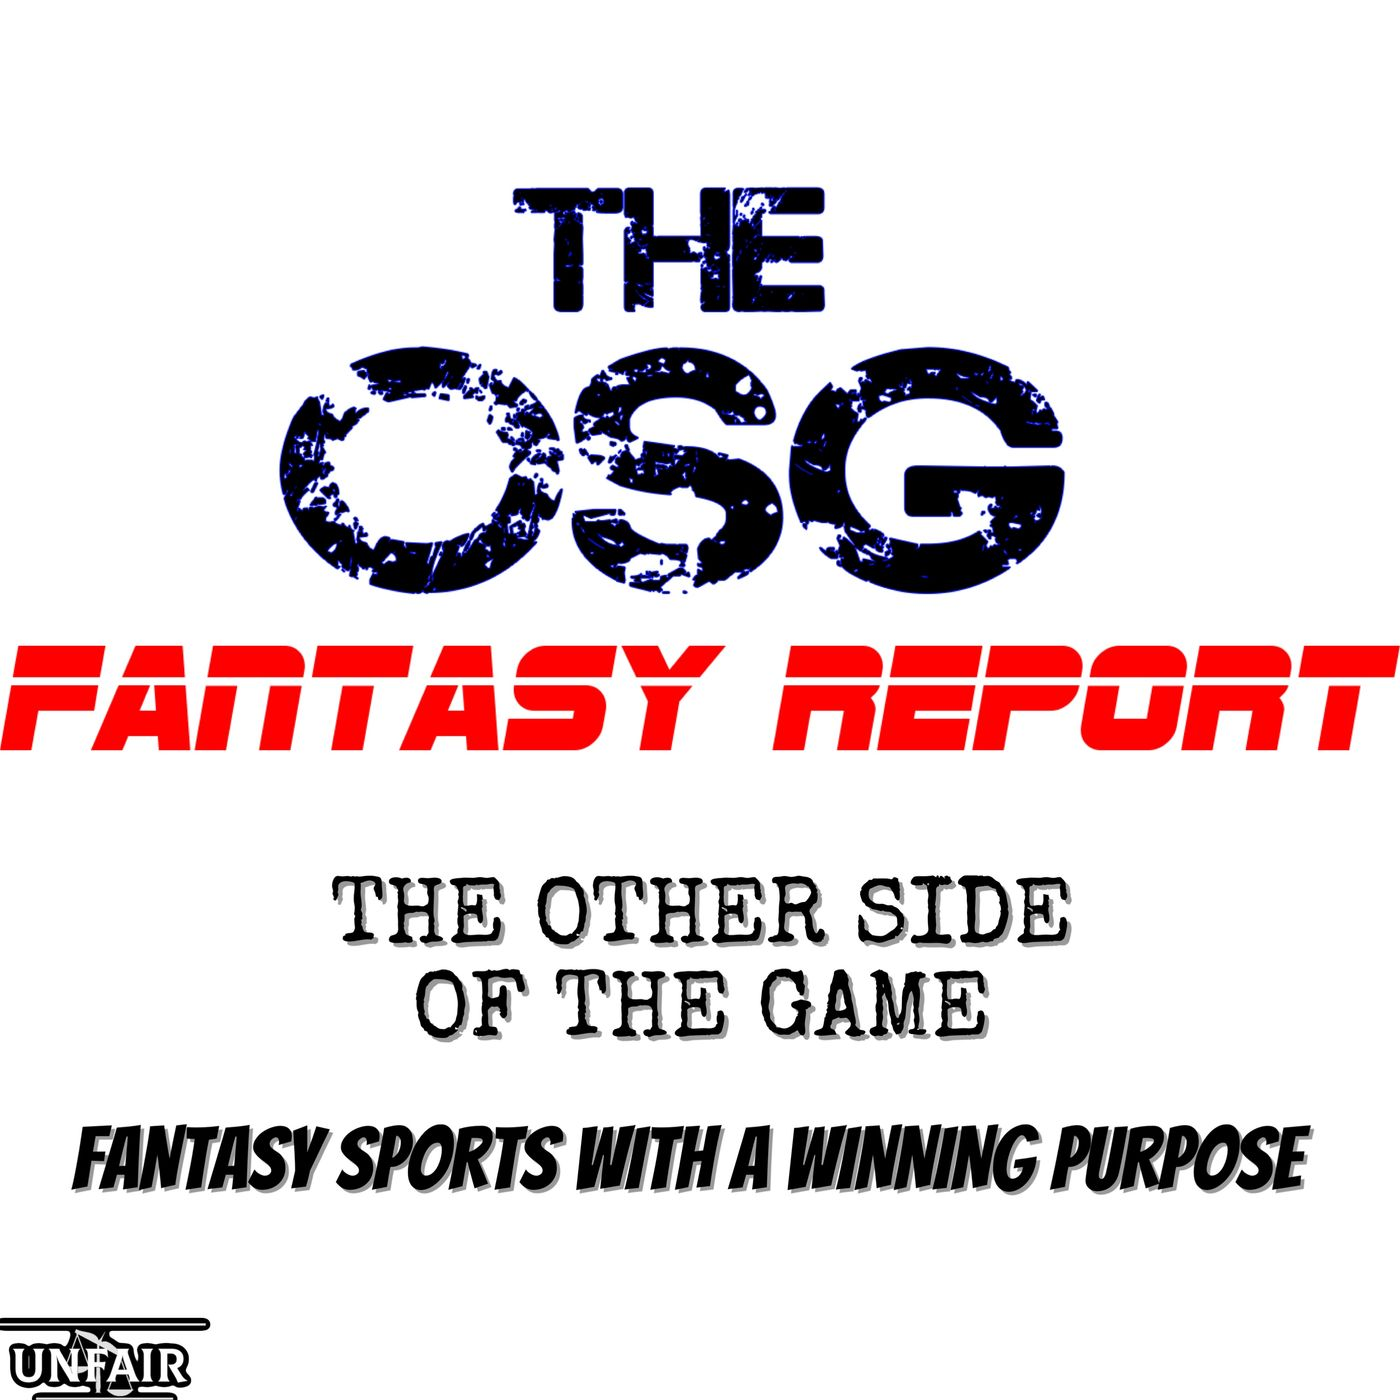 UNFAIR OSG Fantasy Report Week 1 2021